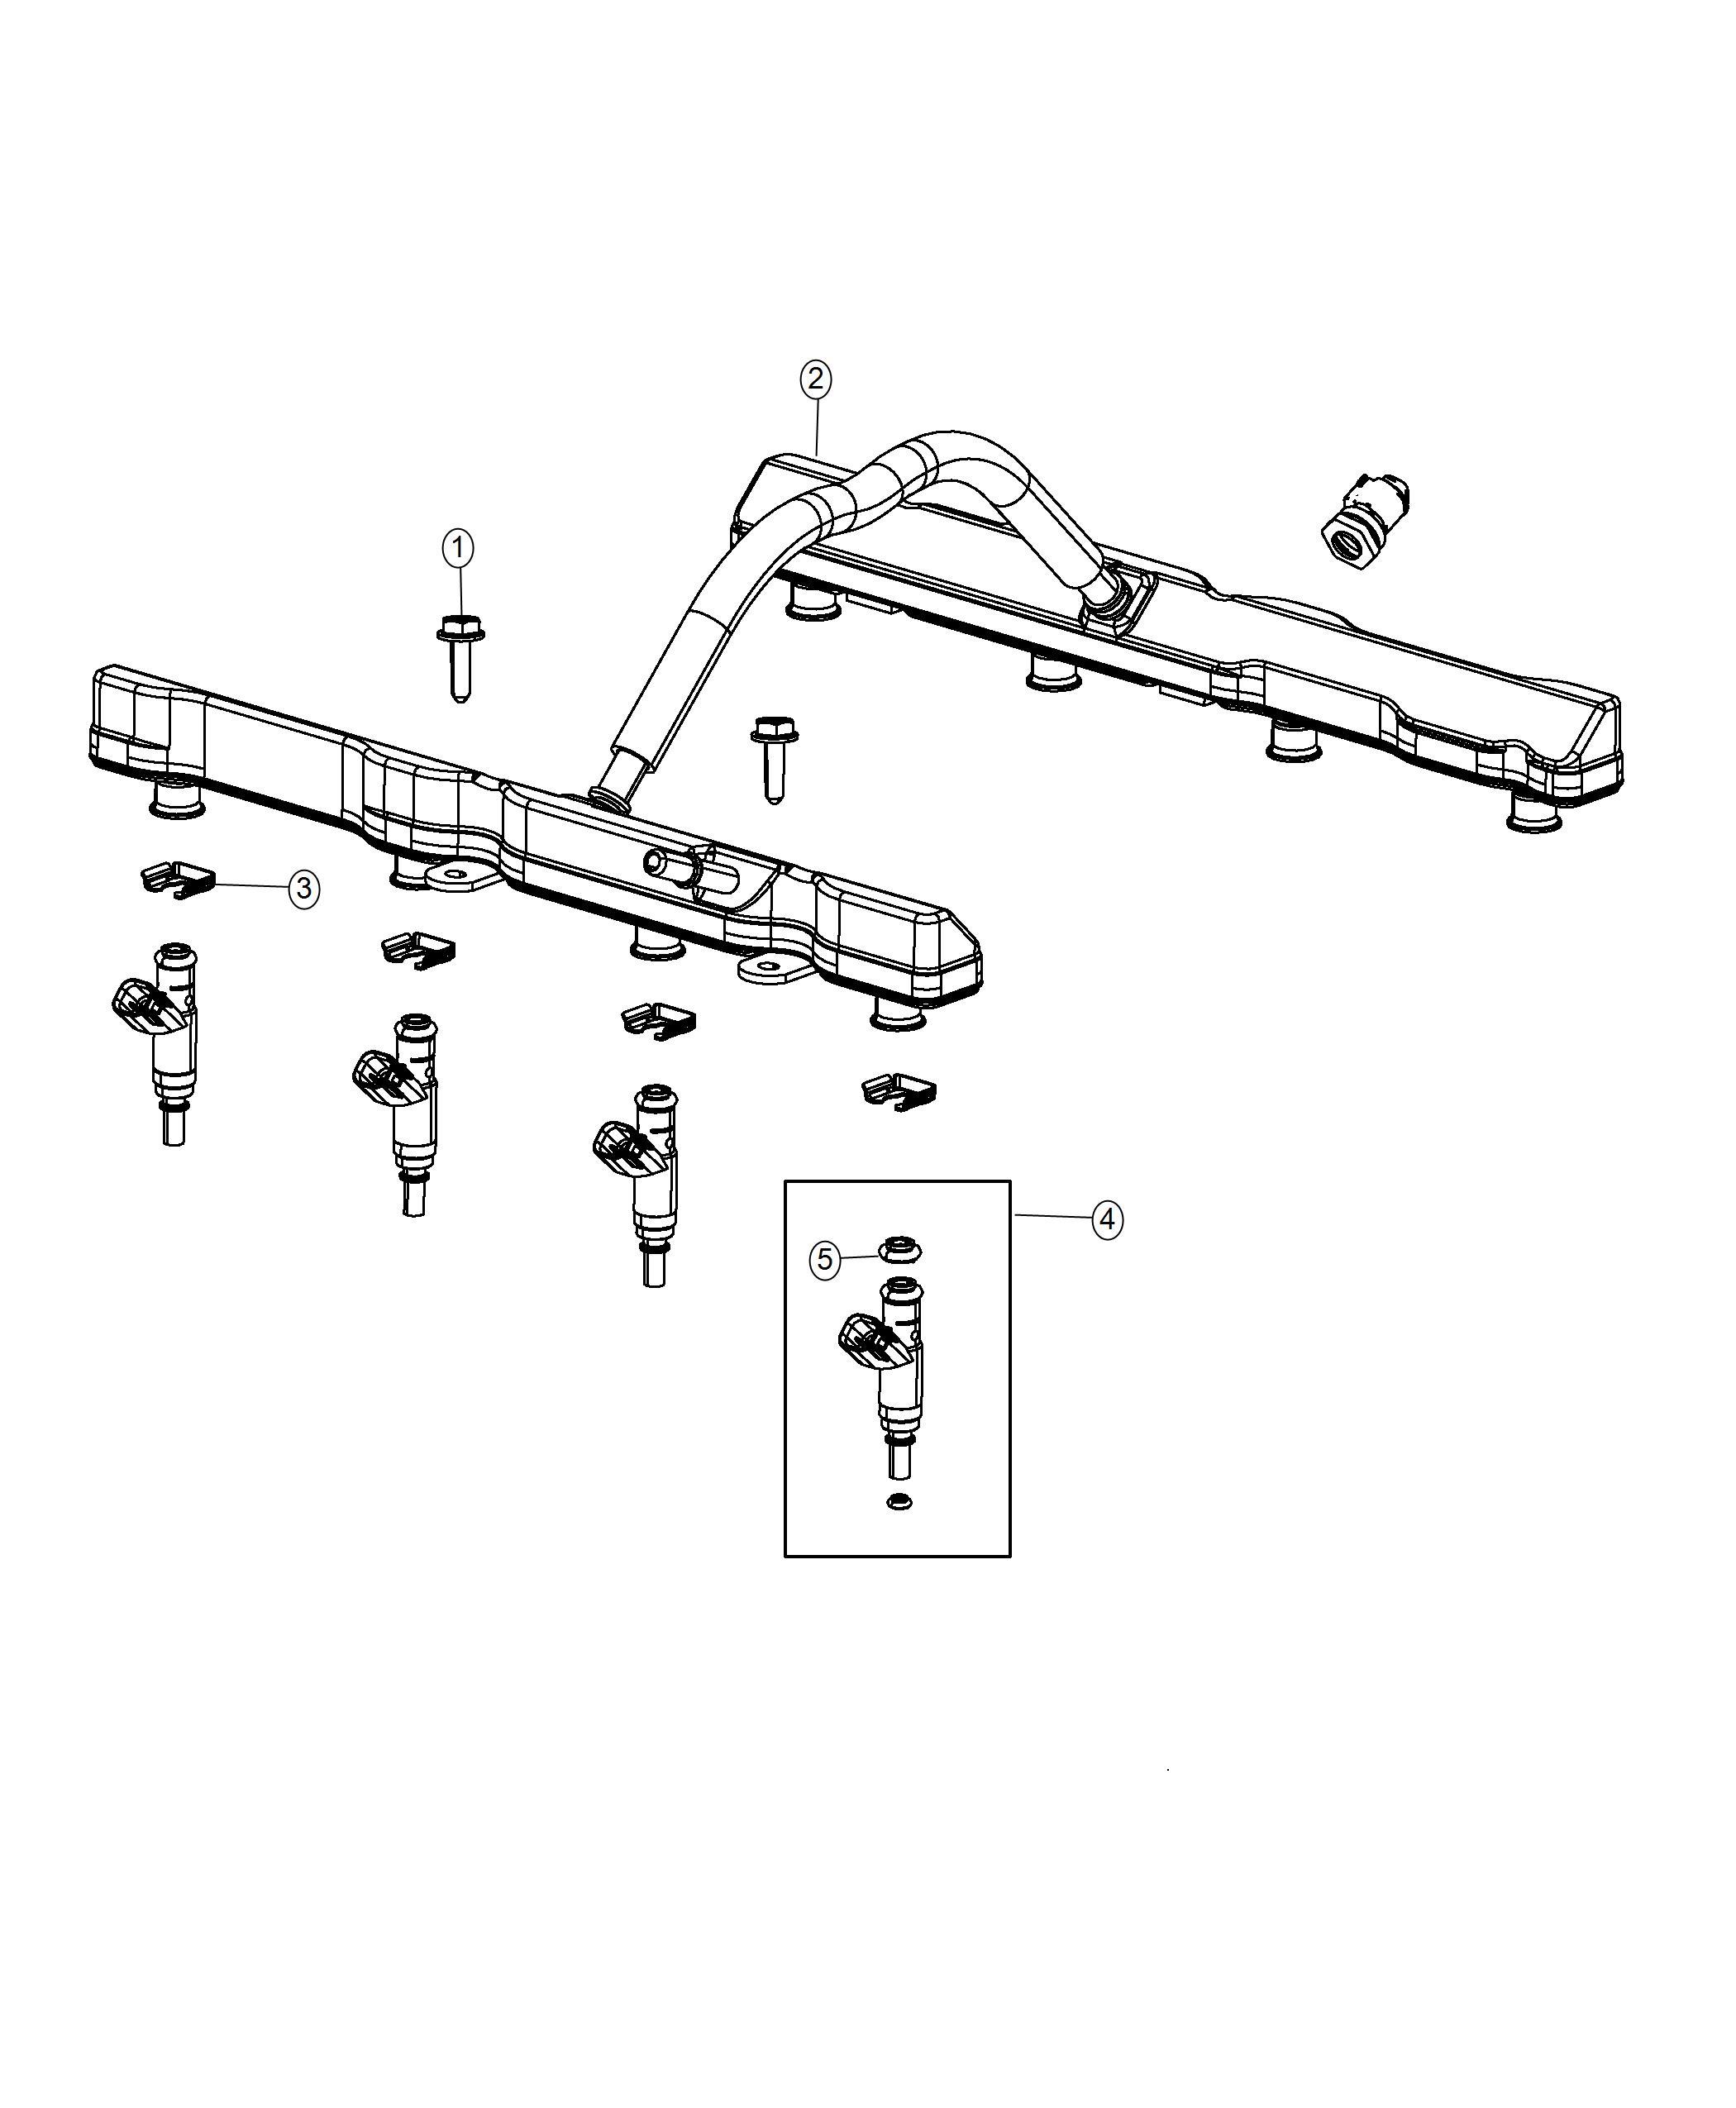 Ram O Ring Kit Fuel Injector 3 6l V6 24v Vvt